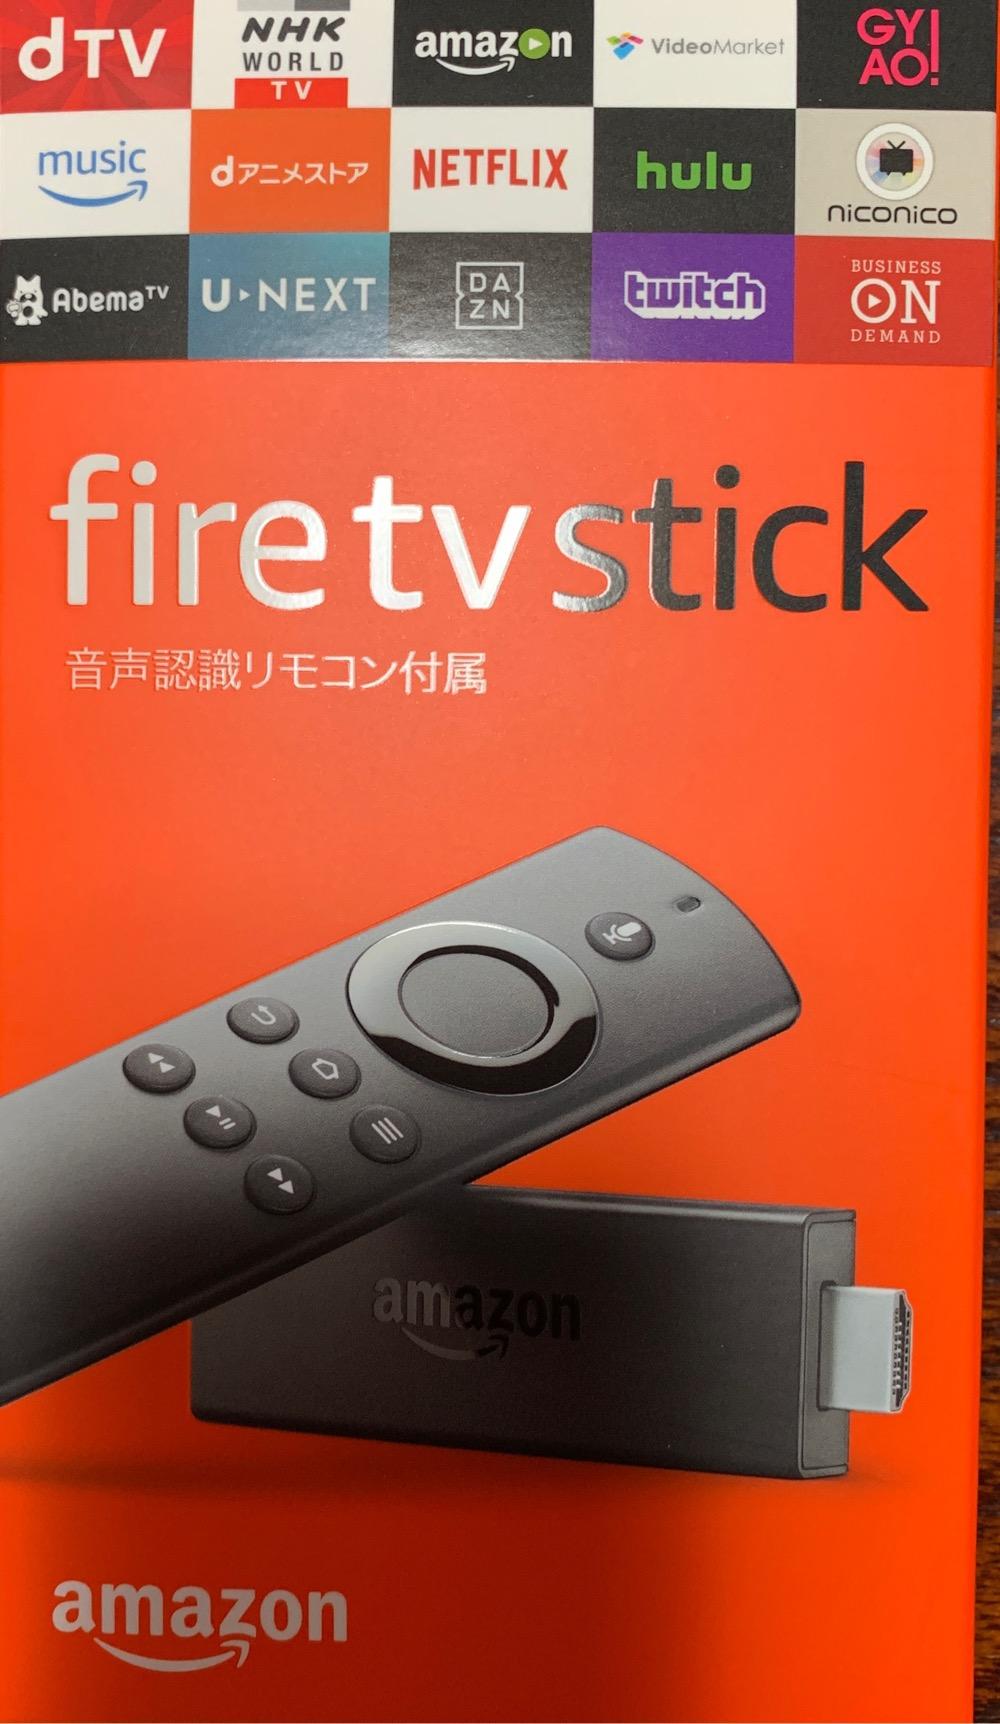 セール中のAmazonFire TV Stick を追加購入し、地元の実家に設置してきて親、感動!